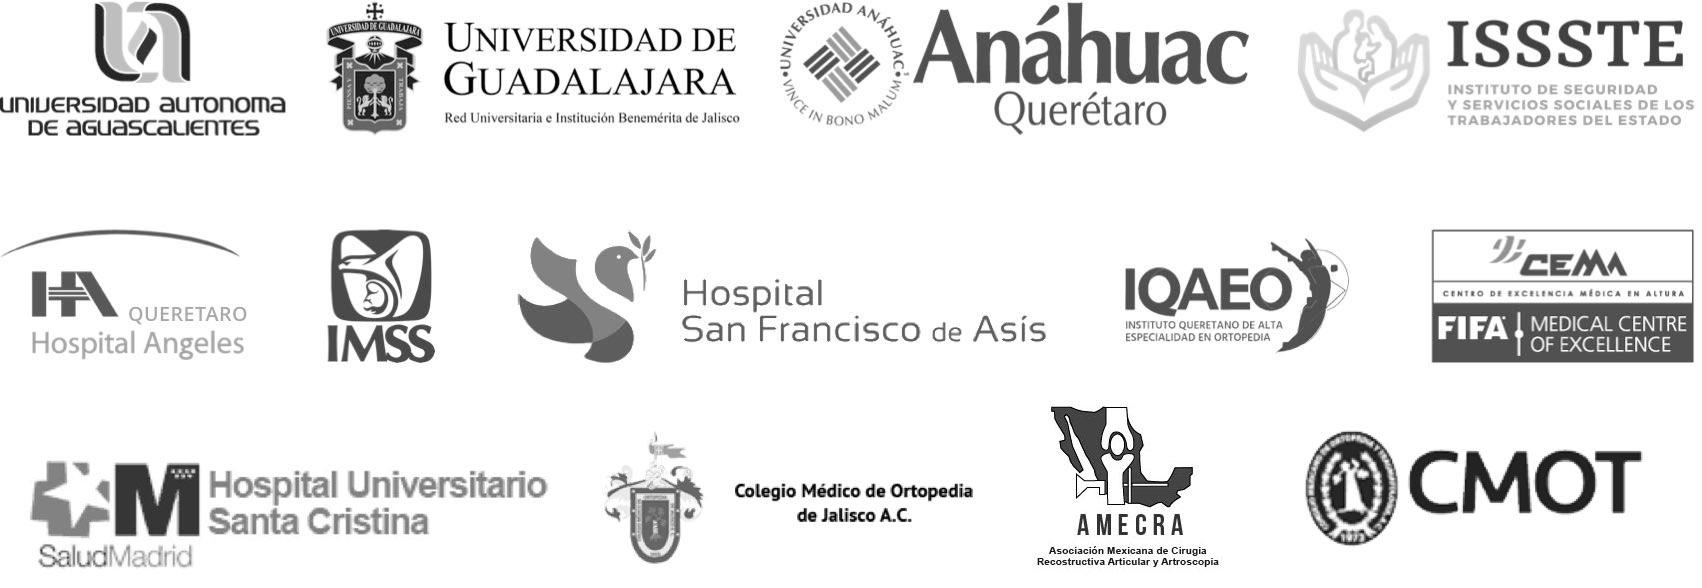 Logos de instituciones y hospitales